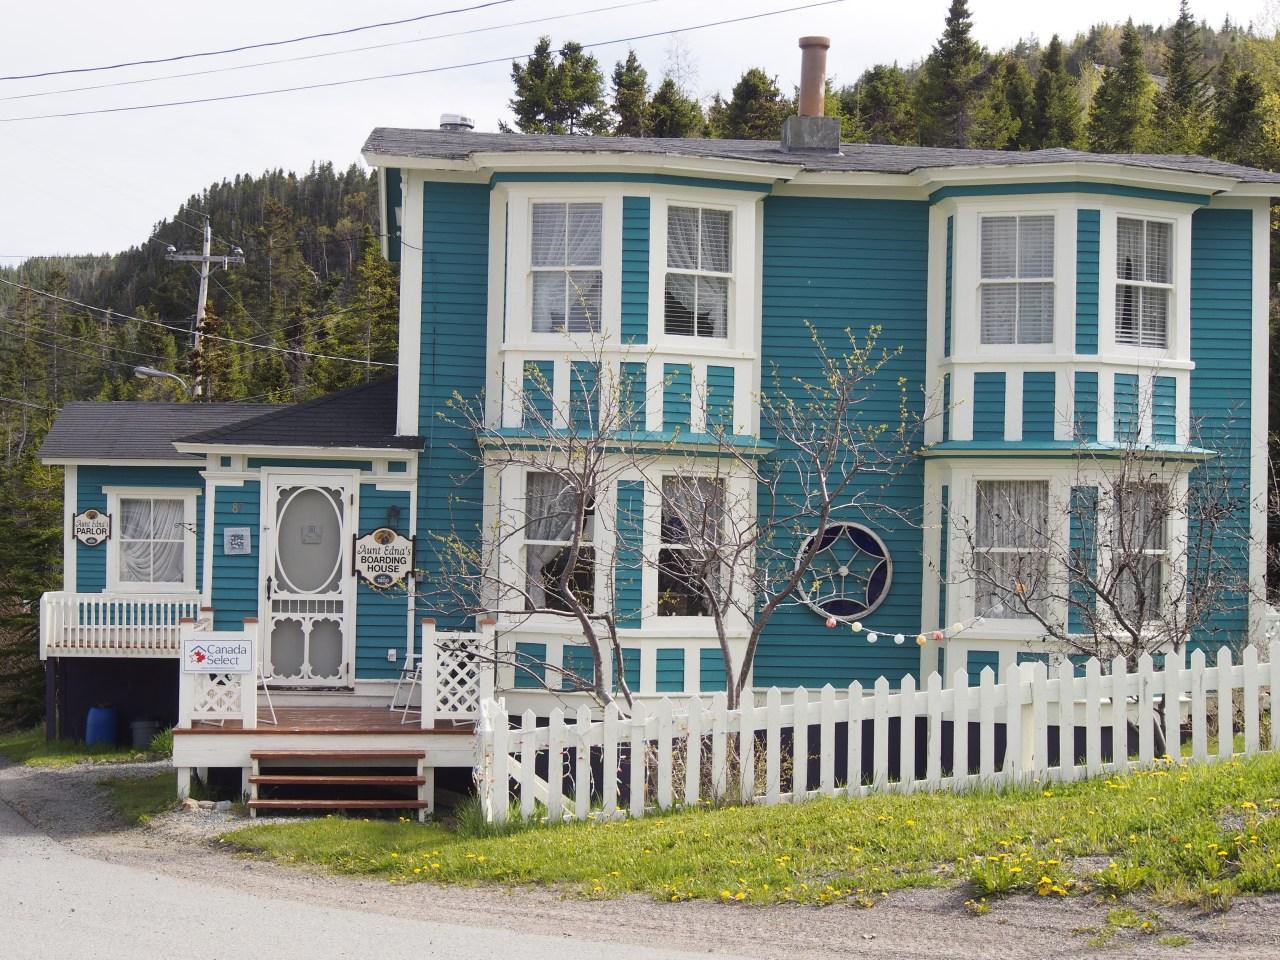 Aunt Edna's Boarding House is open seasonally on LBI.